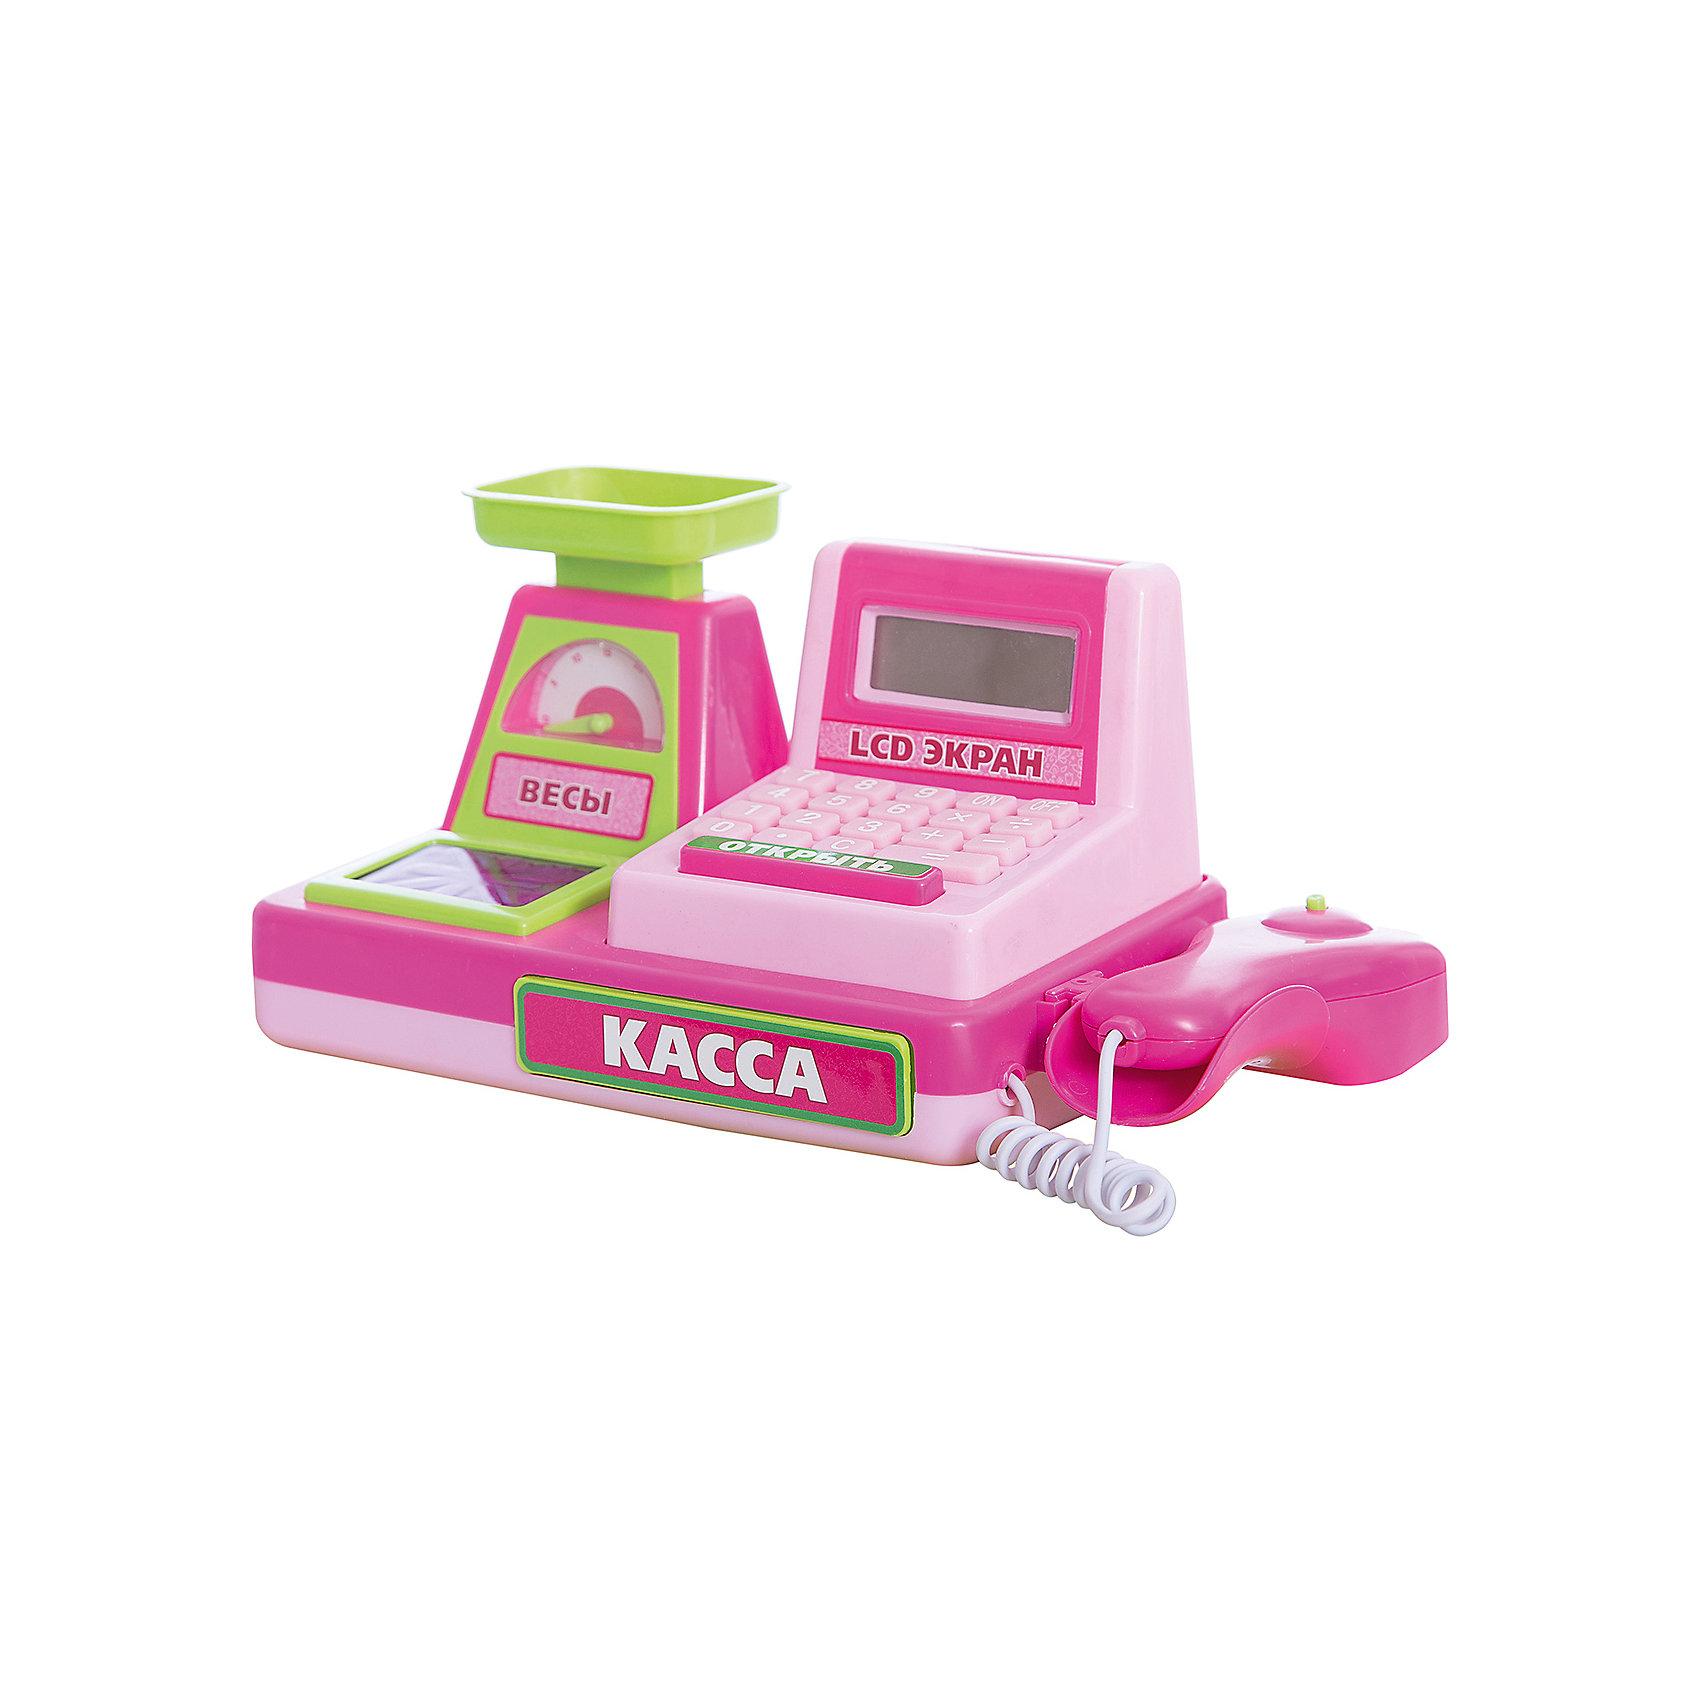 Касса на батарейках с аксессуарами, Играем вместеДетские магазины и аксесссуары<br>Касса на батарейках, с аксессуарами, Играем вместе.<br><br>Характеристика:<br><br>• Материал: пластик. <br>• Размер: 34х14х16 см.<br>• Комплектация: касса с весами, сканер, набор продуктов, деньги. <br>• Световые и звуковые эффекты. <br>• Касса со встроенным калькулятором. <br>• Элемент питания: 3 АА батарейки (в комплект не входят).<br><br>Яркая касса с весами и сканером приведет в восторг любую девочку! Теперь игра в магазин стала еще интереснее и увлекательнее. В наборе также есть продукты и деньги. Кассовый аппарат - настоящий калькулятор: теперь считать выручку и сдачу проще и быстрее. Звуковые и световые эффекты добавят играм еще большую реалистичность. Игрушка выполнена из высококачественного прочного пластика, в производстве которого использованы только нетоксичные безопасные для детей красители. <br><br>Кассу на батарейках, с аксессуарами, Играем вместе, можно купить в нашем интернет-магазине.<br><br>Ширина мм: 160<br>Глубина мм: 140<br>Высота мм: 350<br>Вес г: 740<br>Возраст от месяцев: 36<br>Возраст до месяцев: 72<br>Пол: Женский<br>Возраст: Детский<br>SKU: 5119392